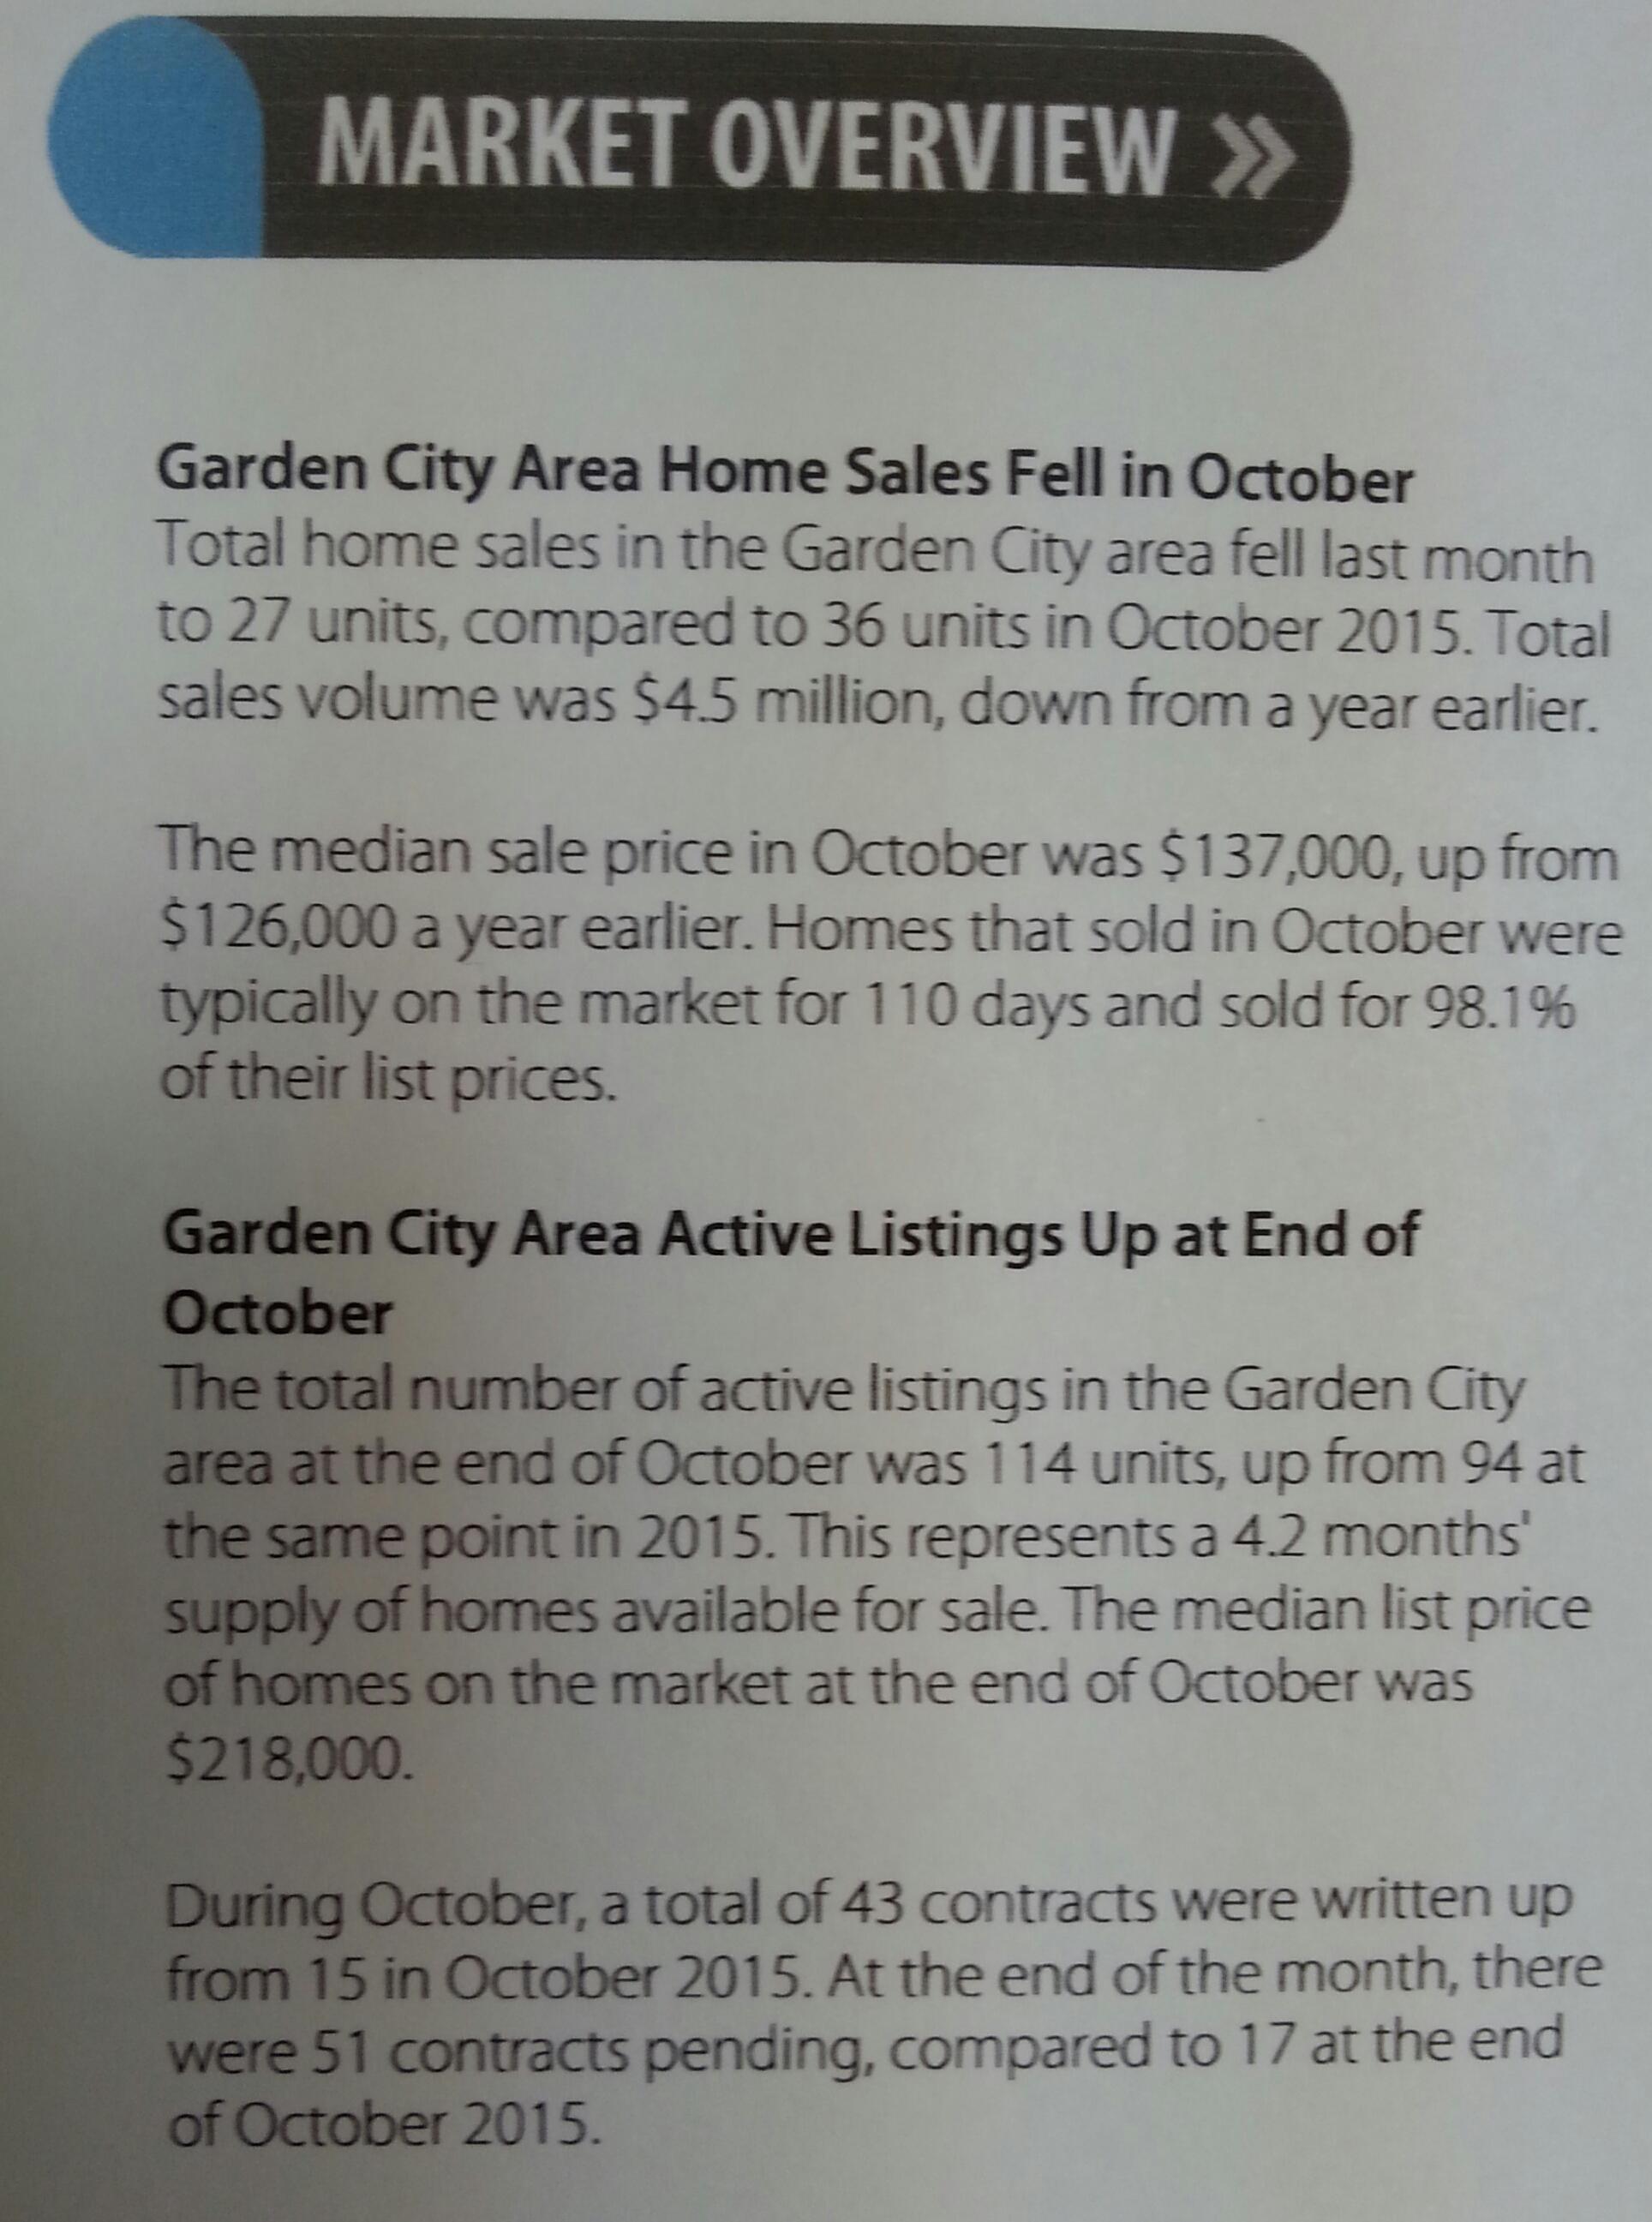 Market Overview December Stats